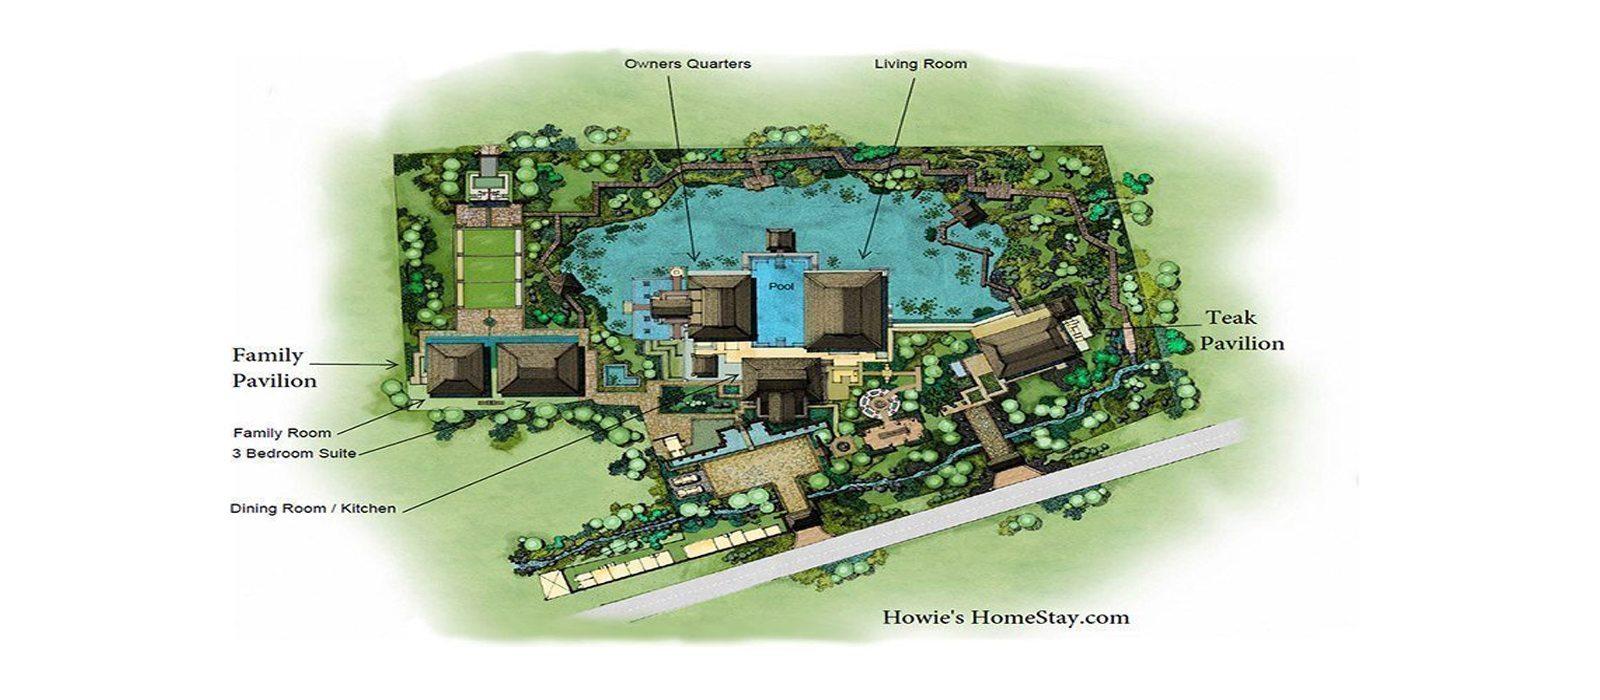 Howies Homestay Floorplan | Mae Rim, Chiang Mai